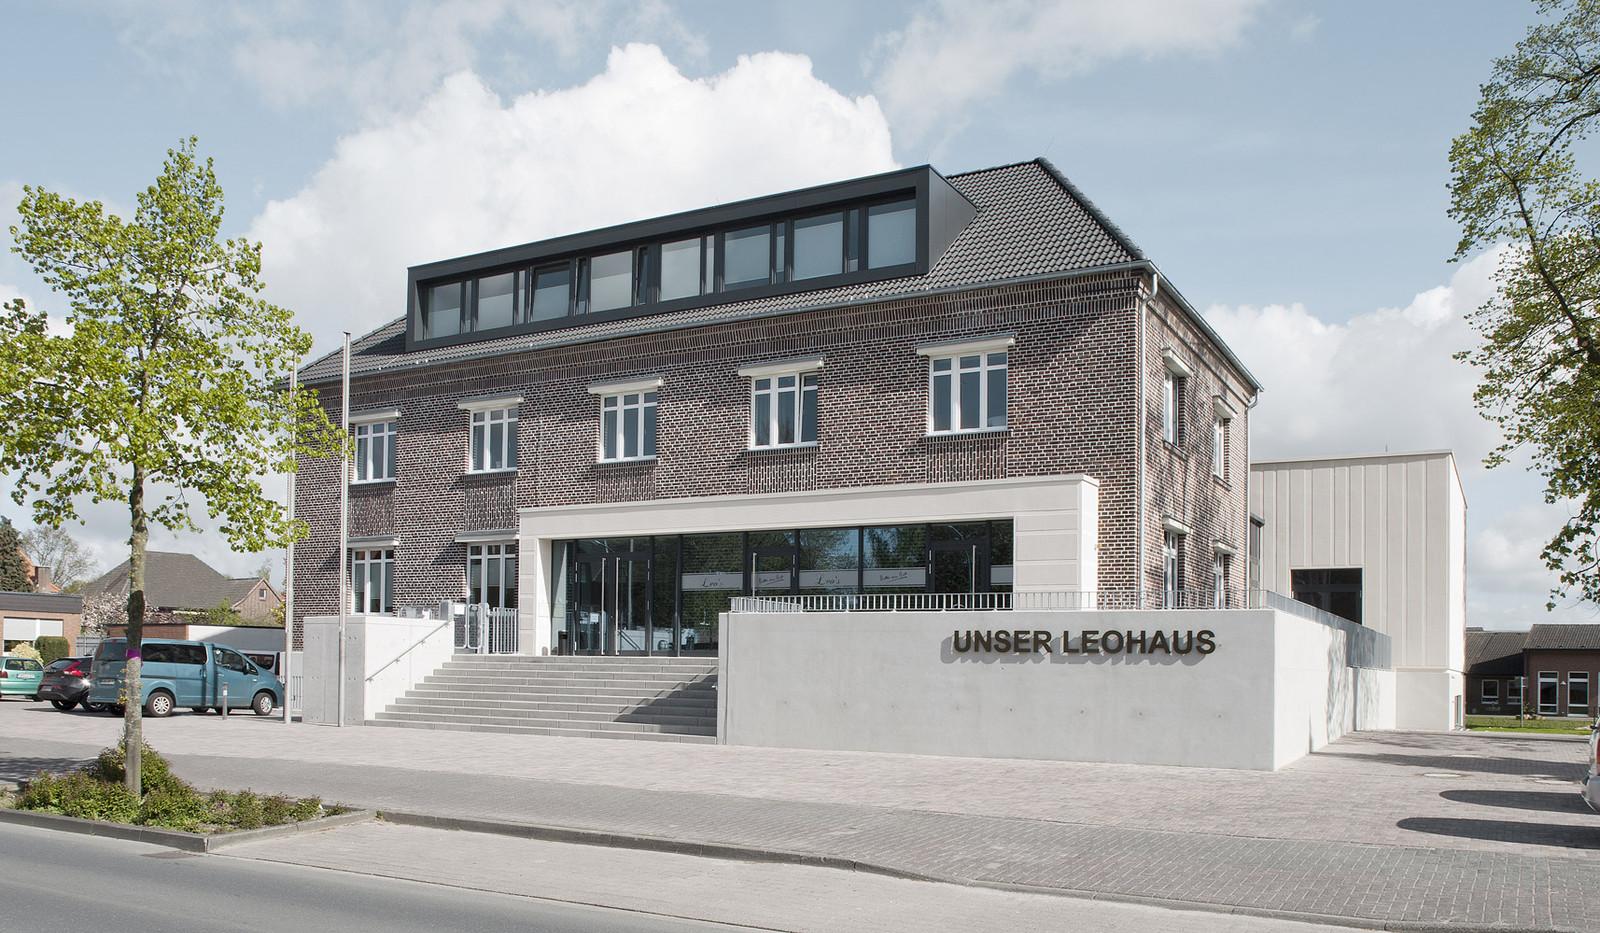 Dreibund architekten bochum 222 leohaus olfen - Dreibund architekten ...